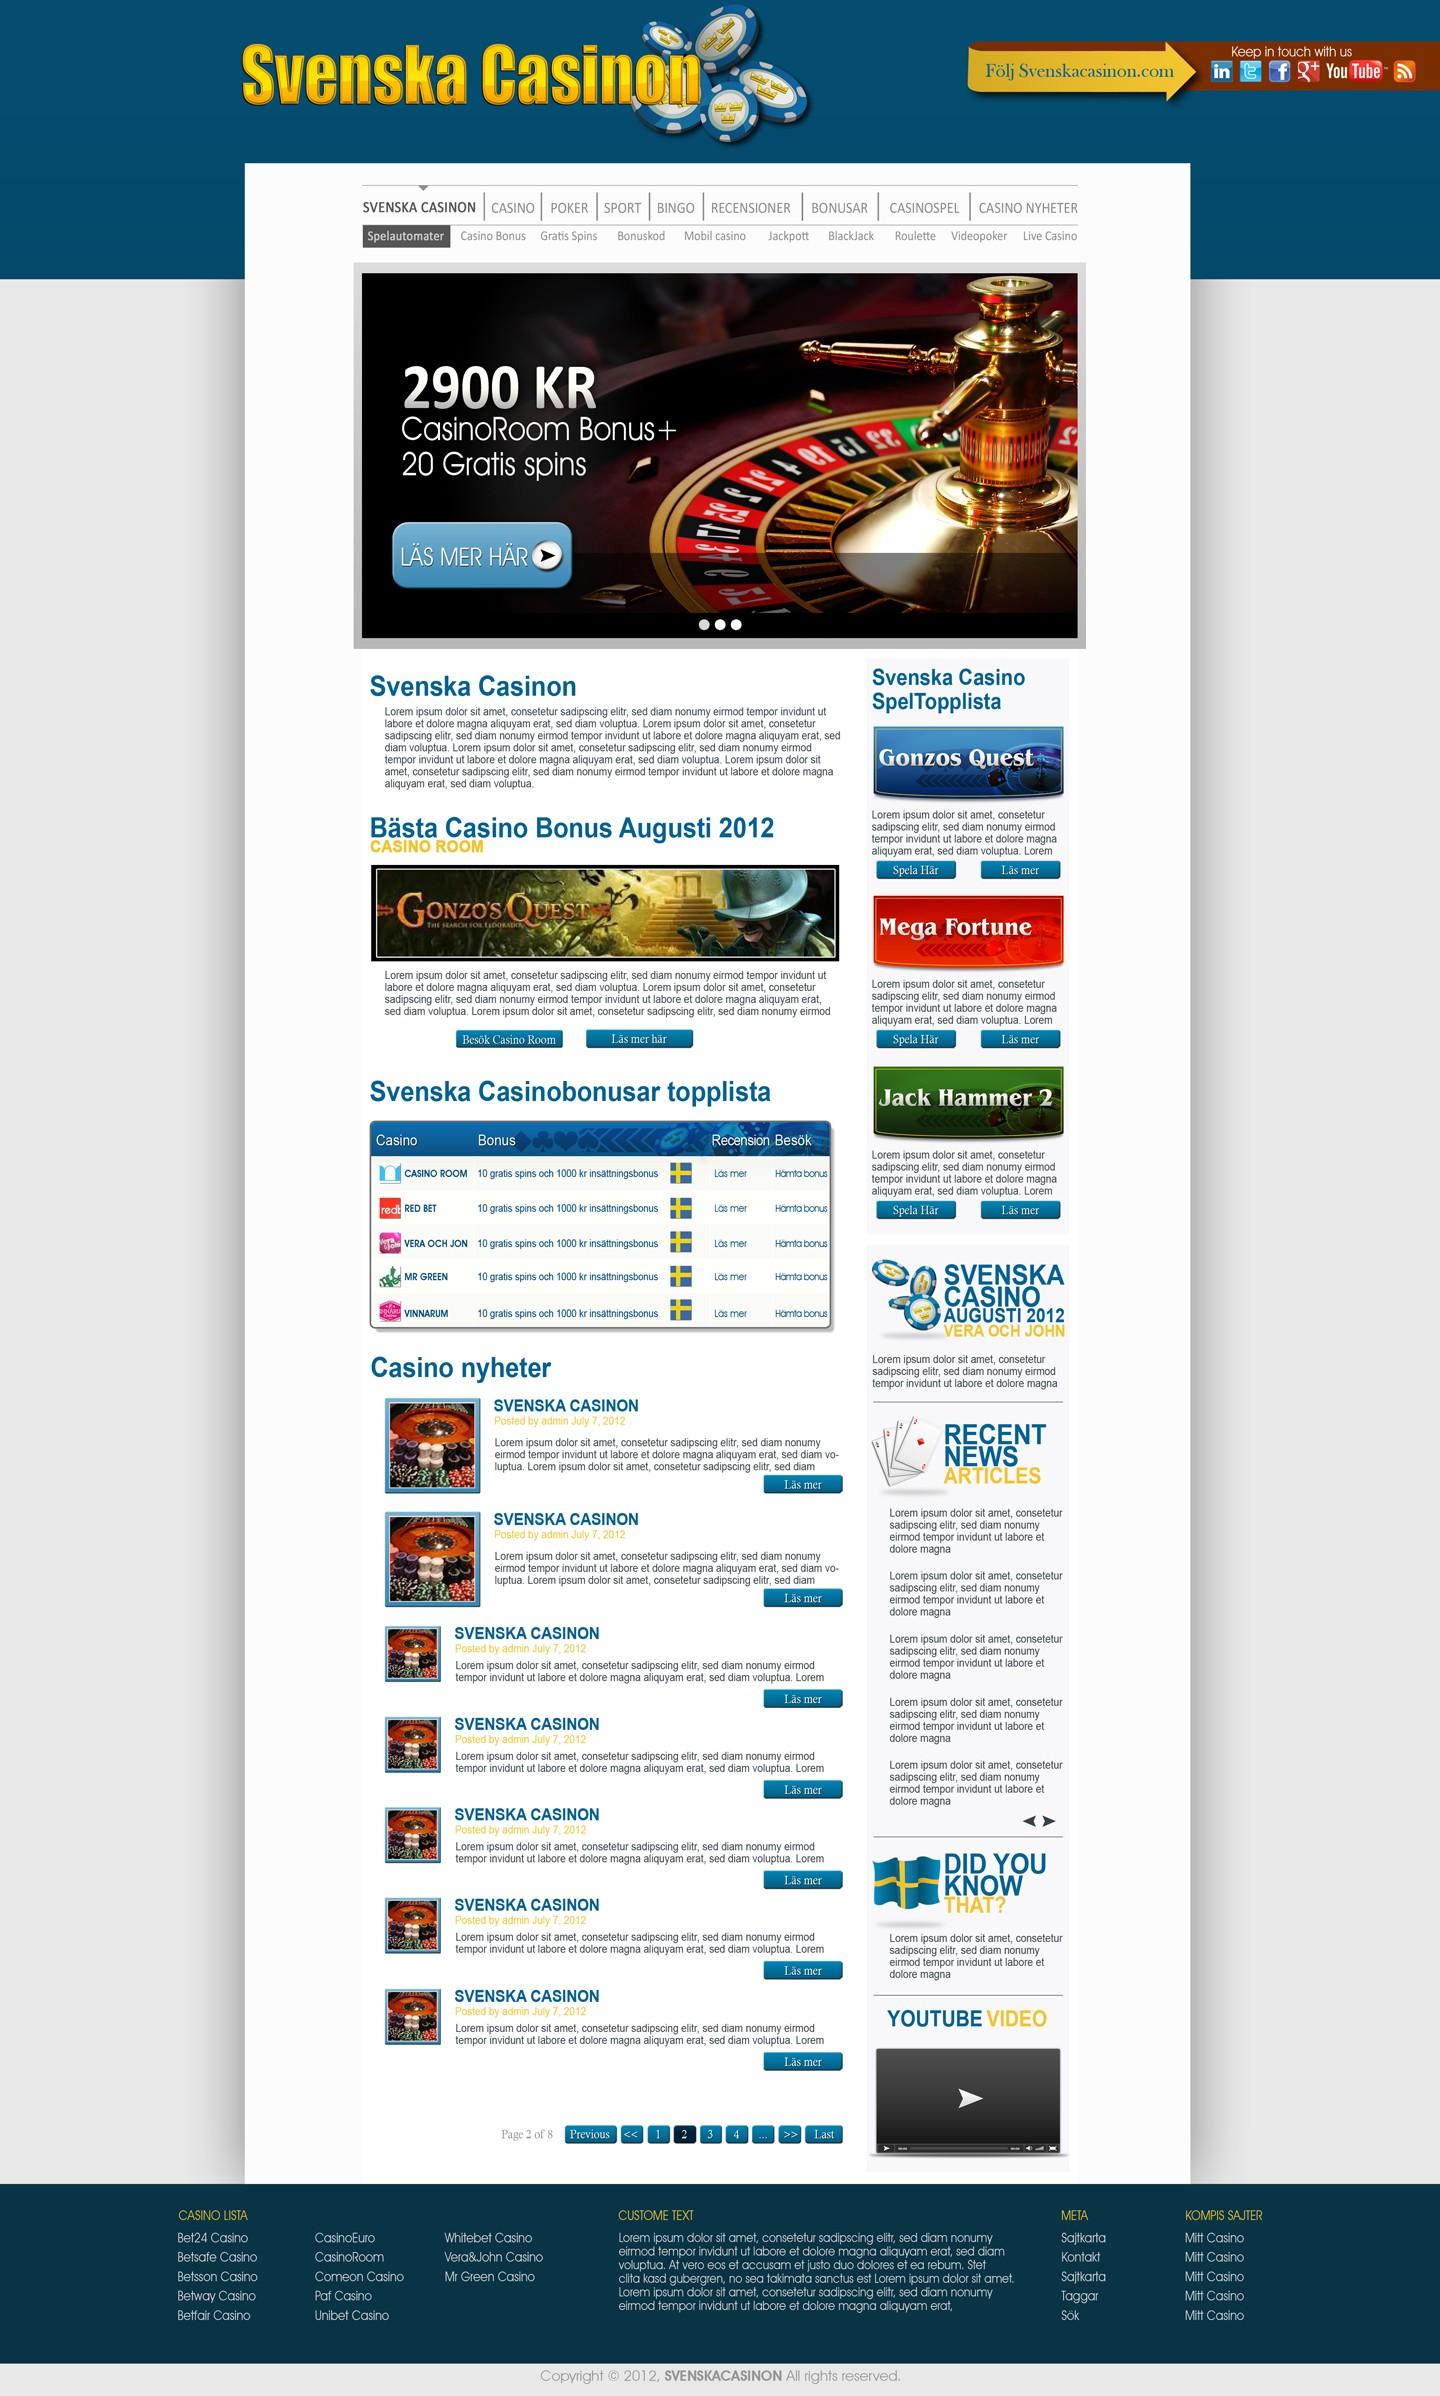 SvenskaCasinon.com needs a new website design